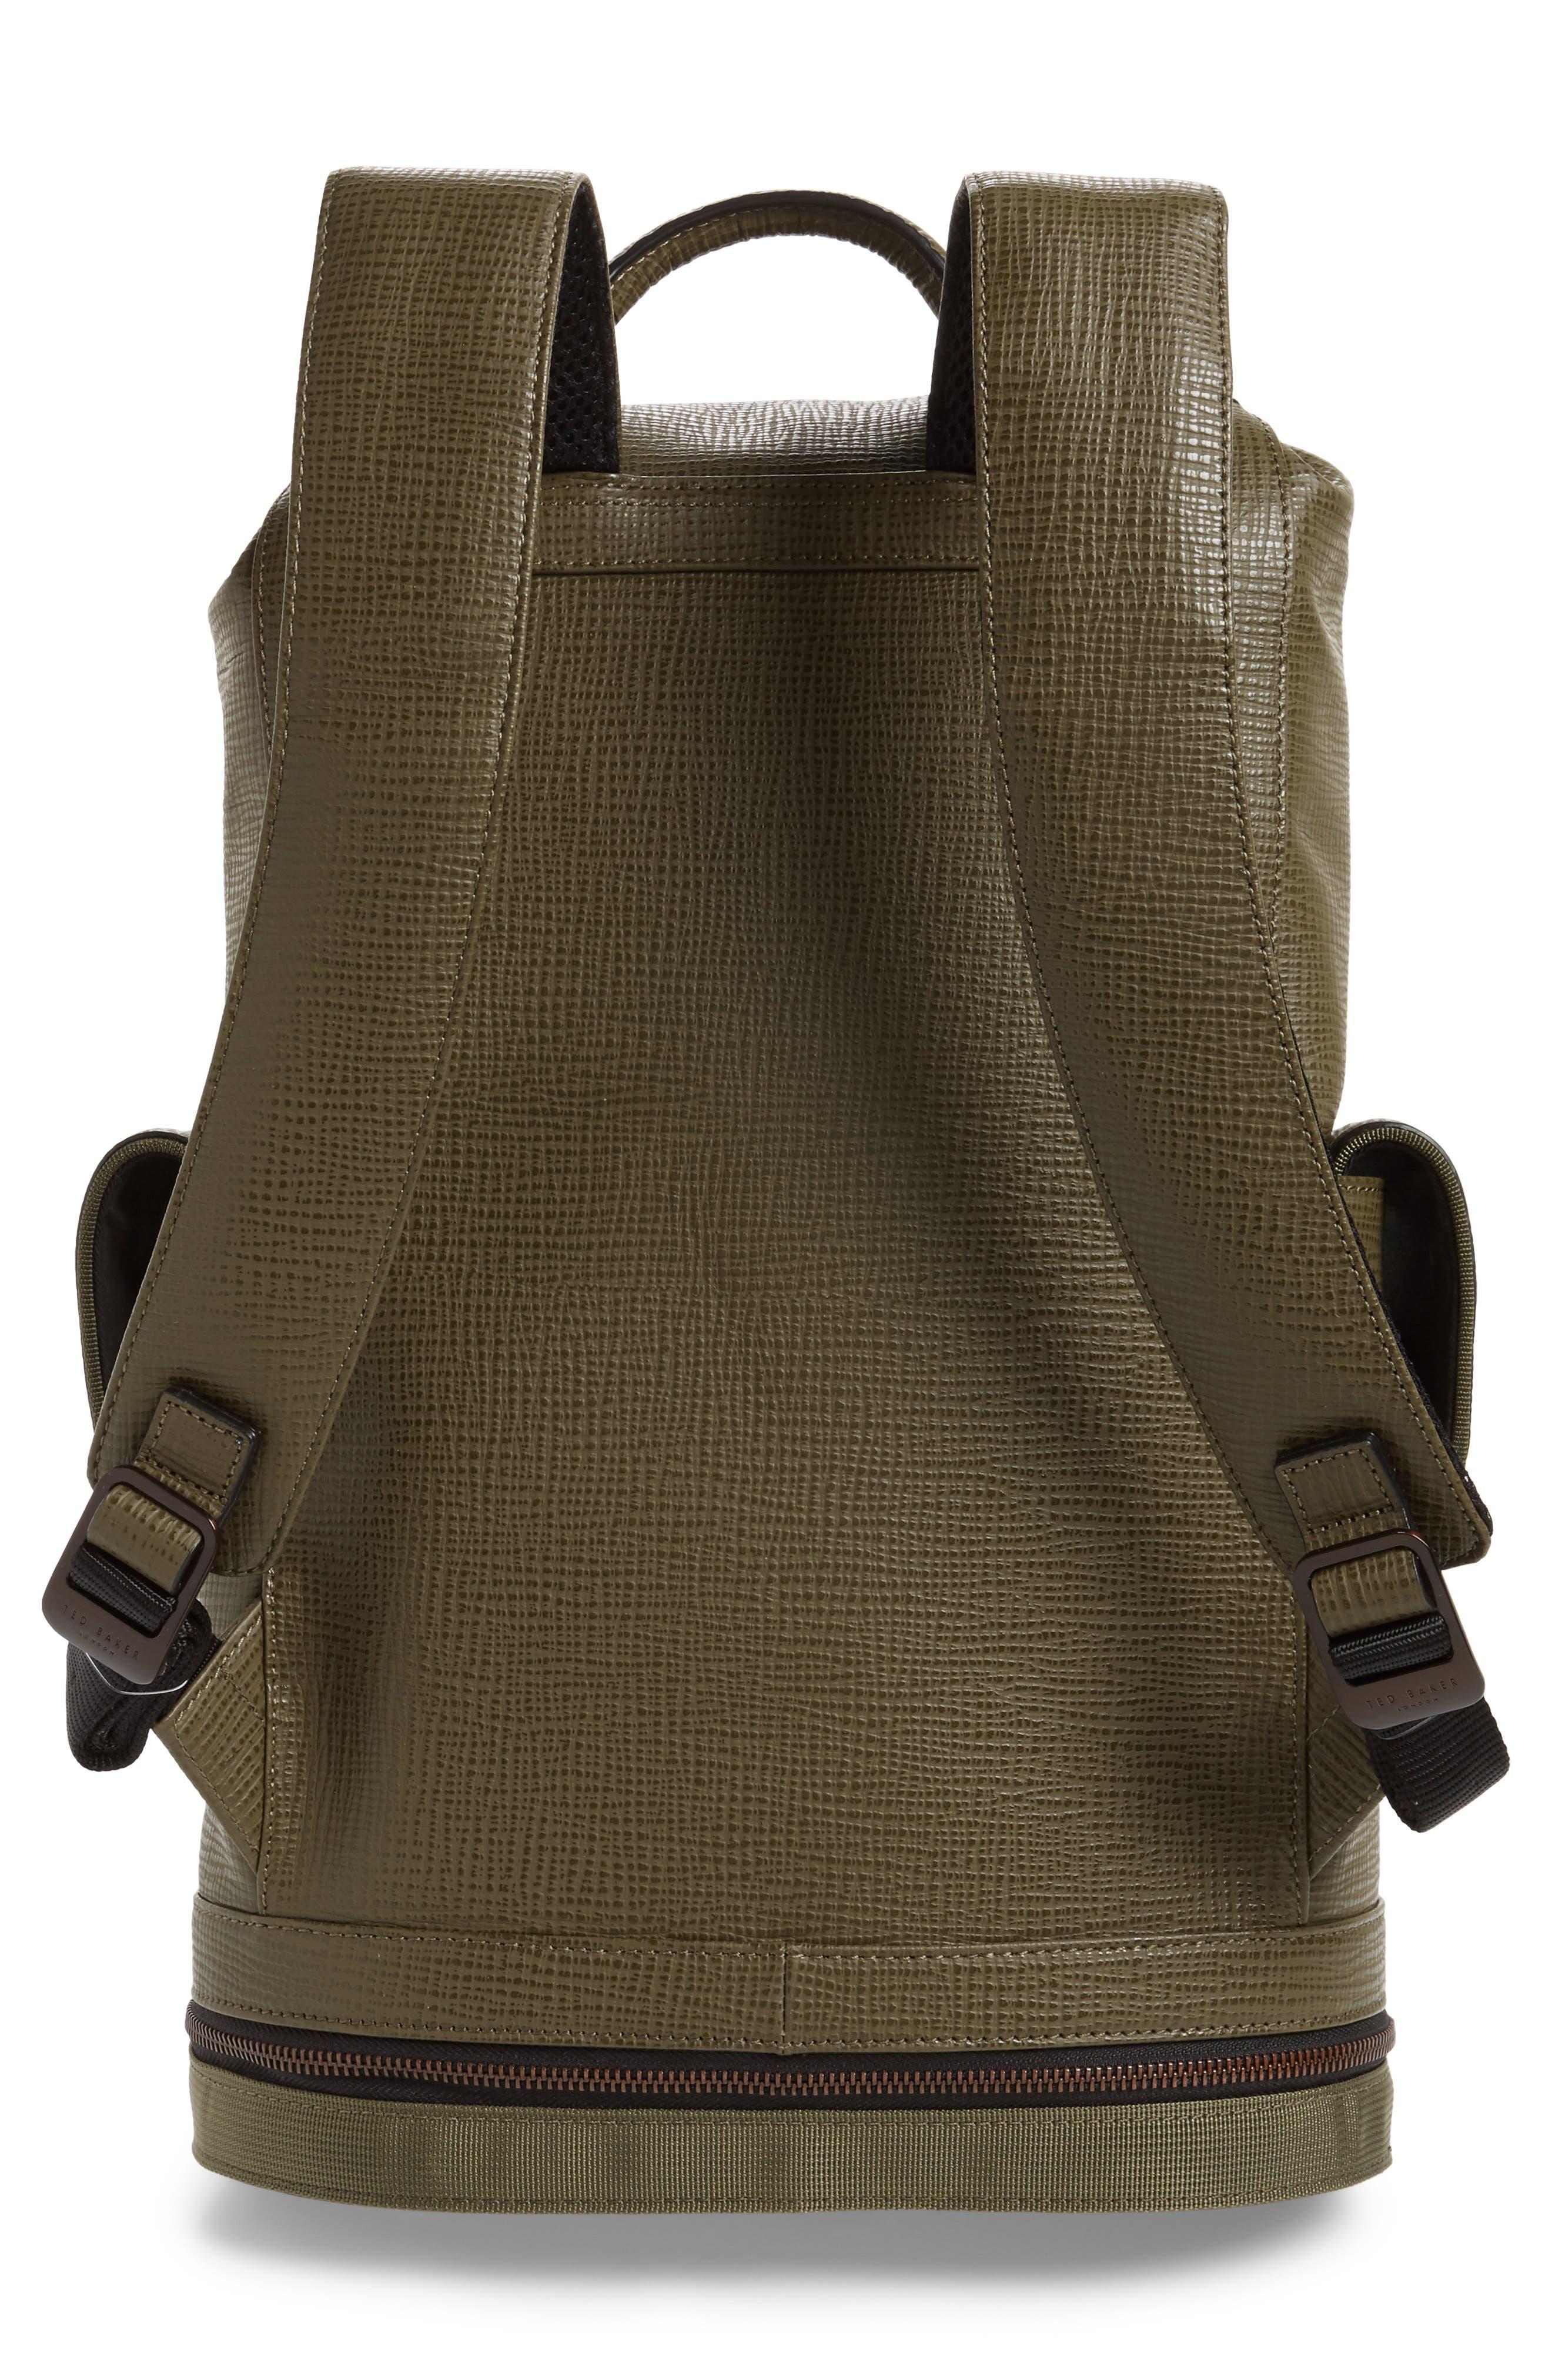 Thorr Palmelato Backpack,                             Alternate thumbnail 3, color,